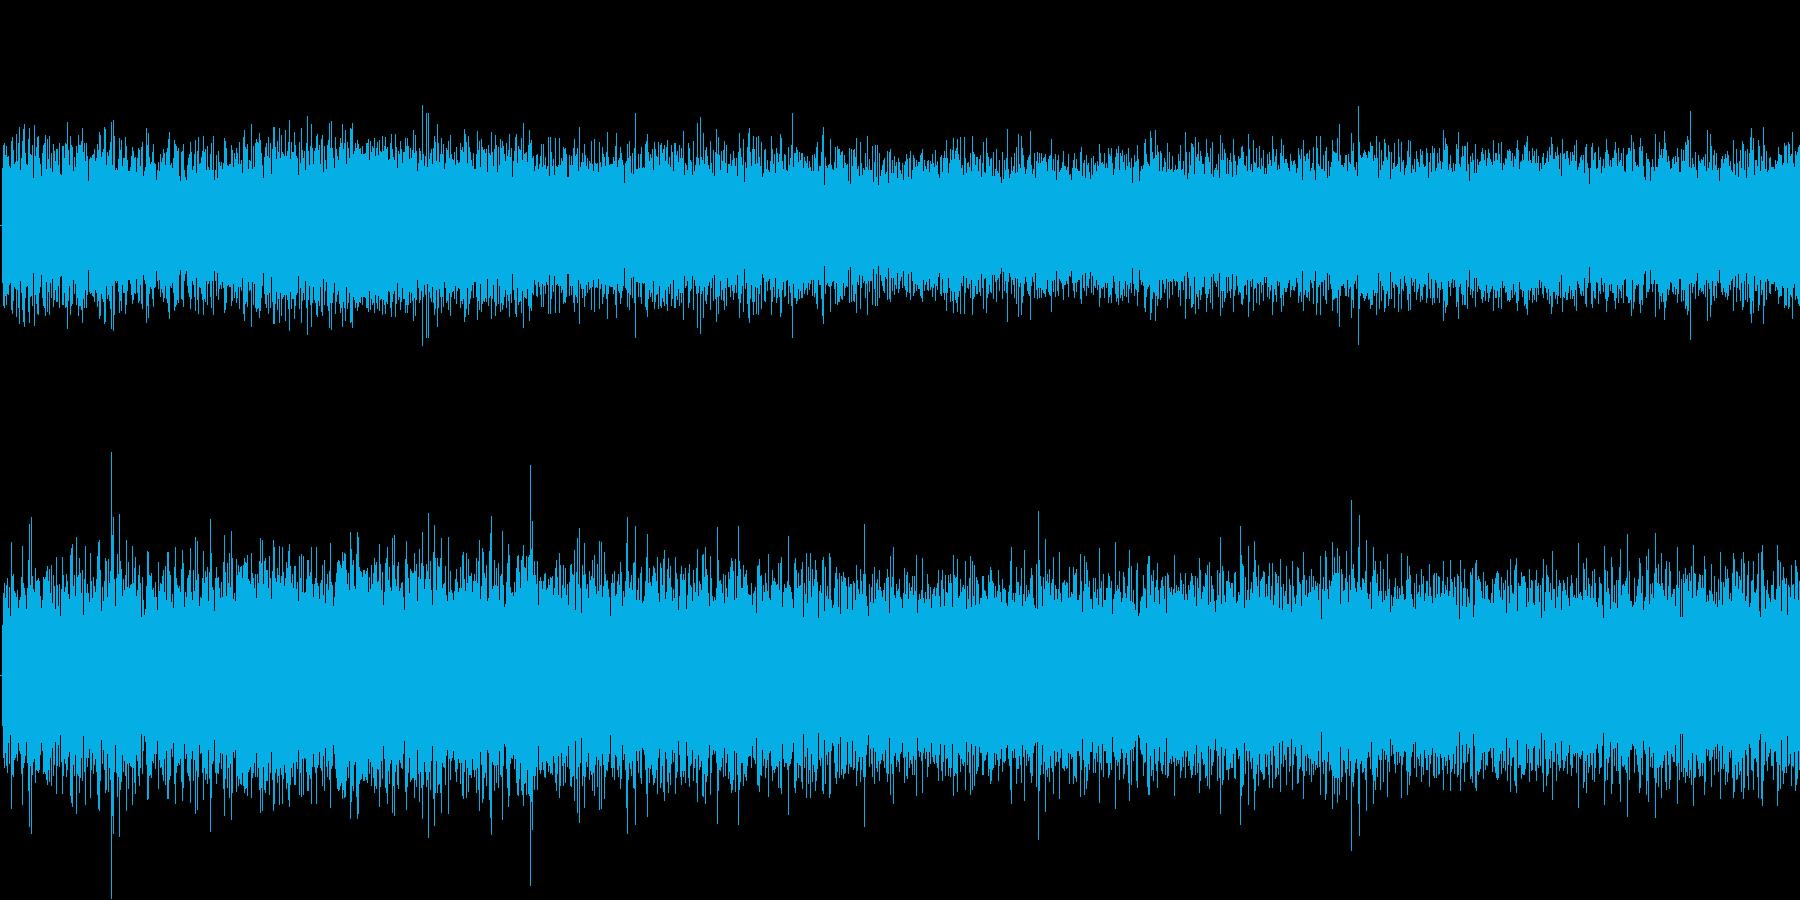 工業地帯(環境音)の再生済みの波形